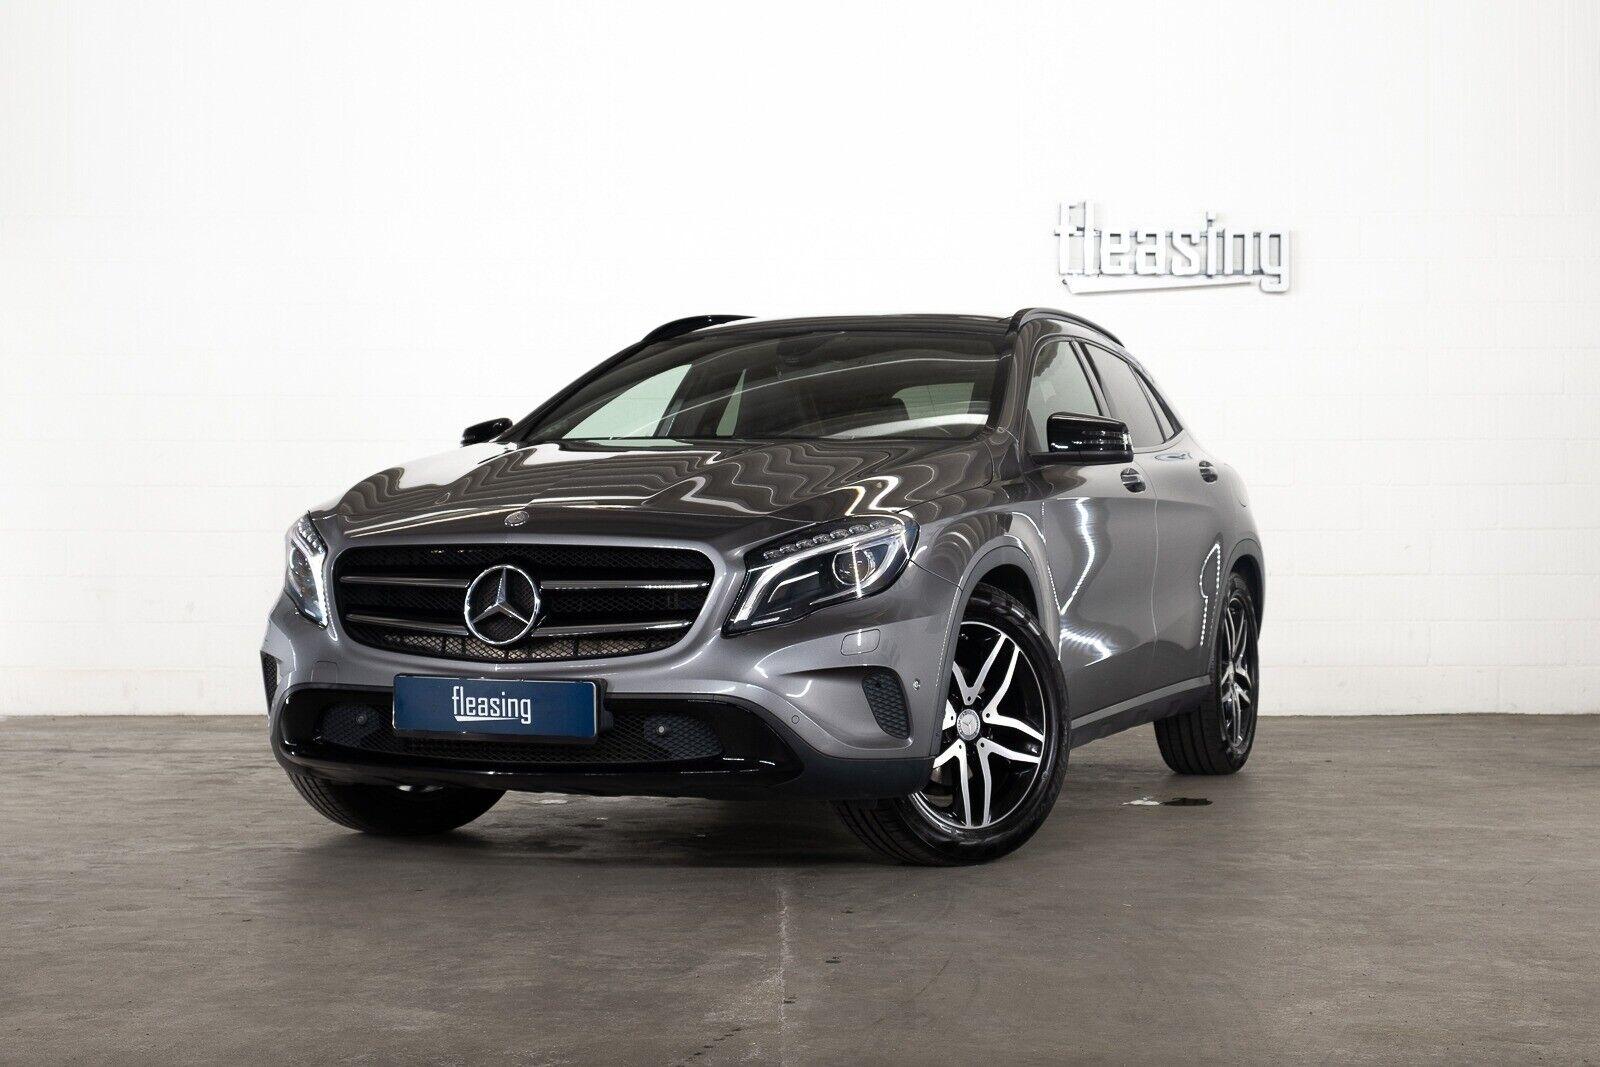 Mercedes GLA200 2,2 CDi aut. 4-M 5d - 1.996 kr.